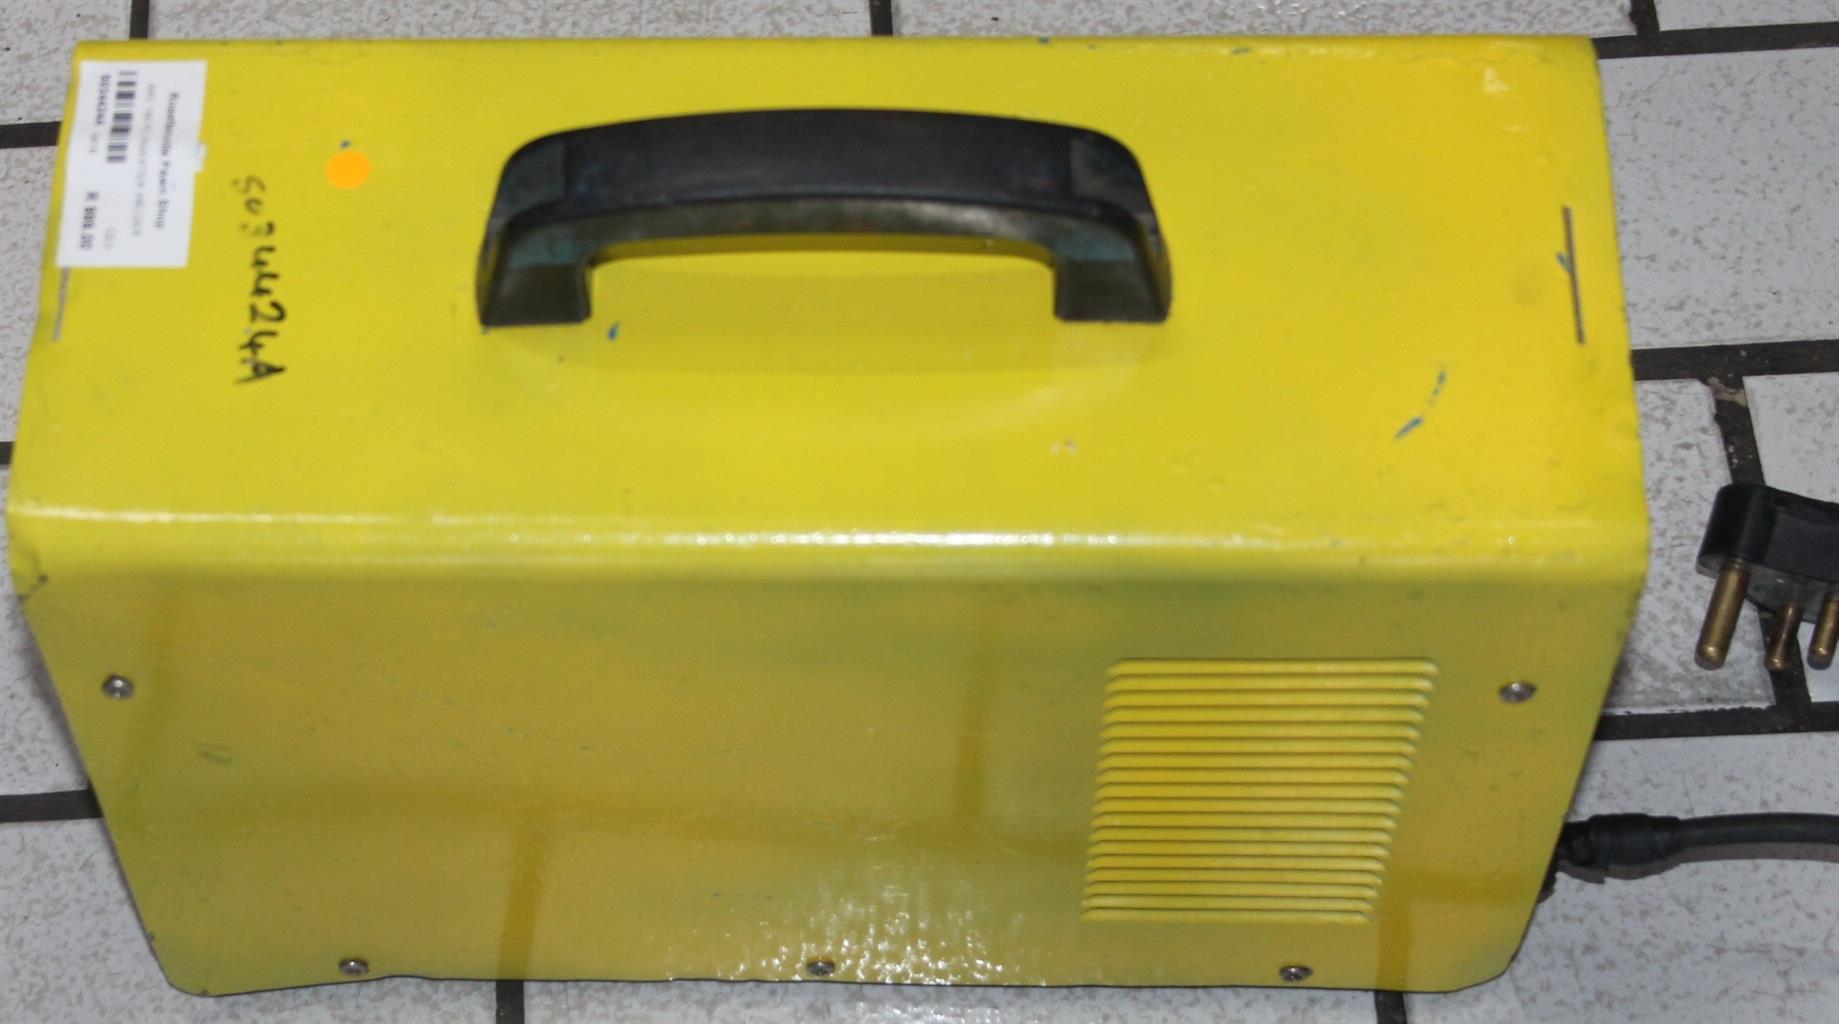 S034424A ARC 160 pc inverter welder #Rosettenvillepawnshop   Junk Mail